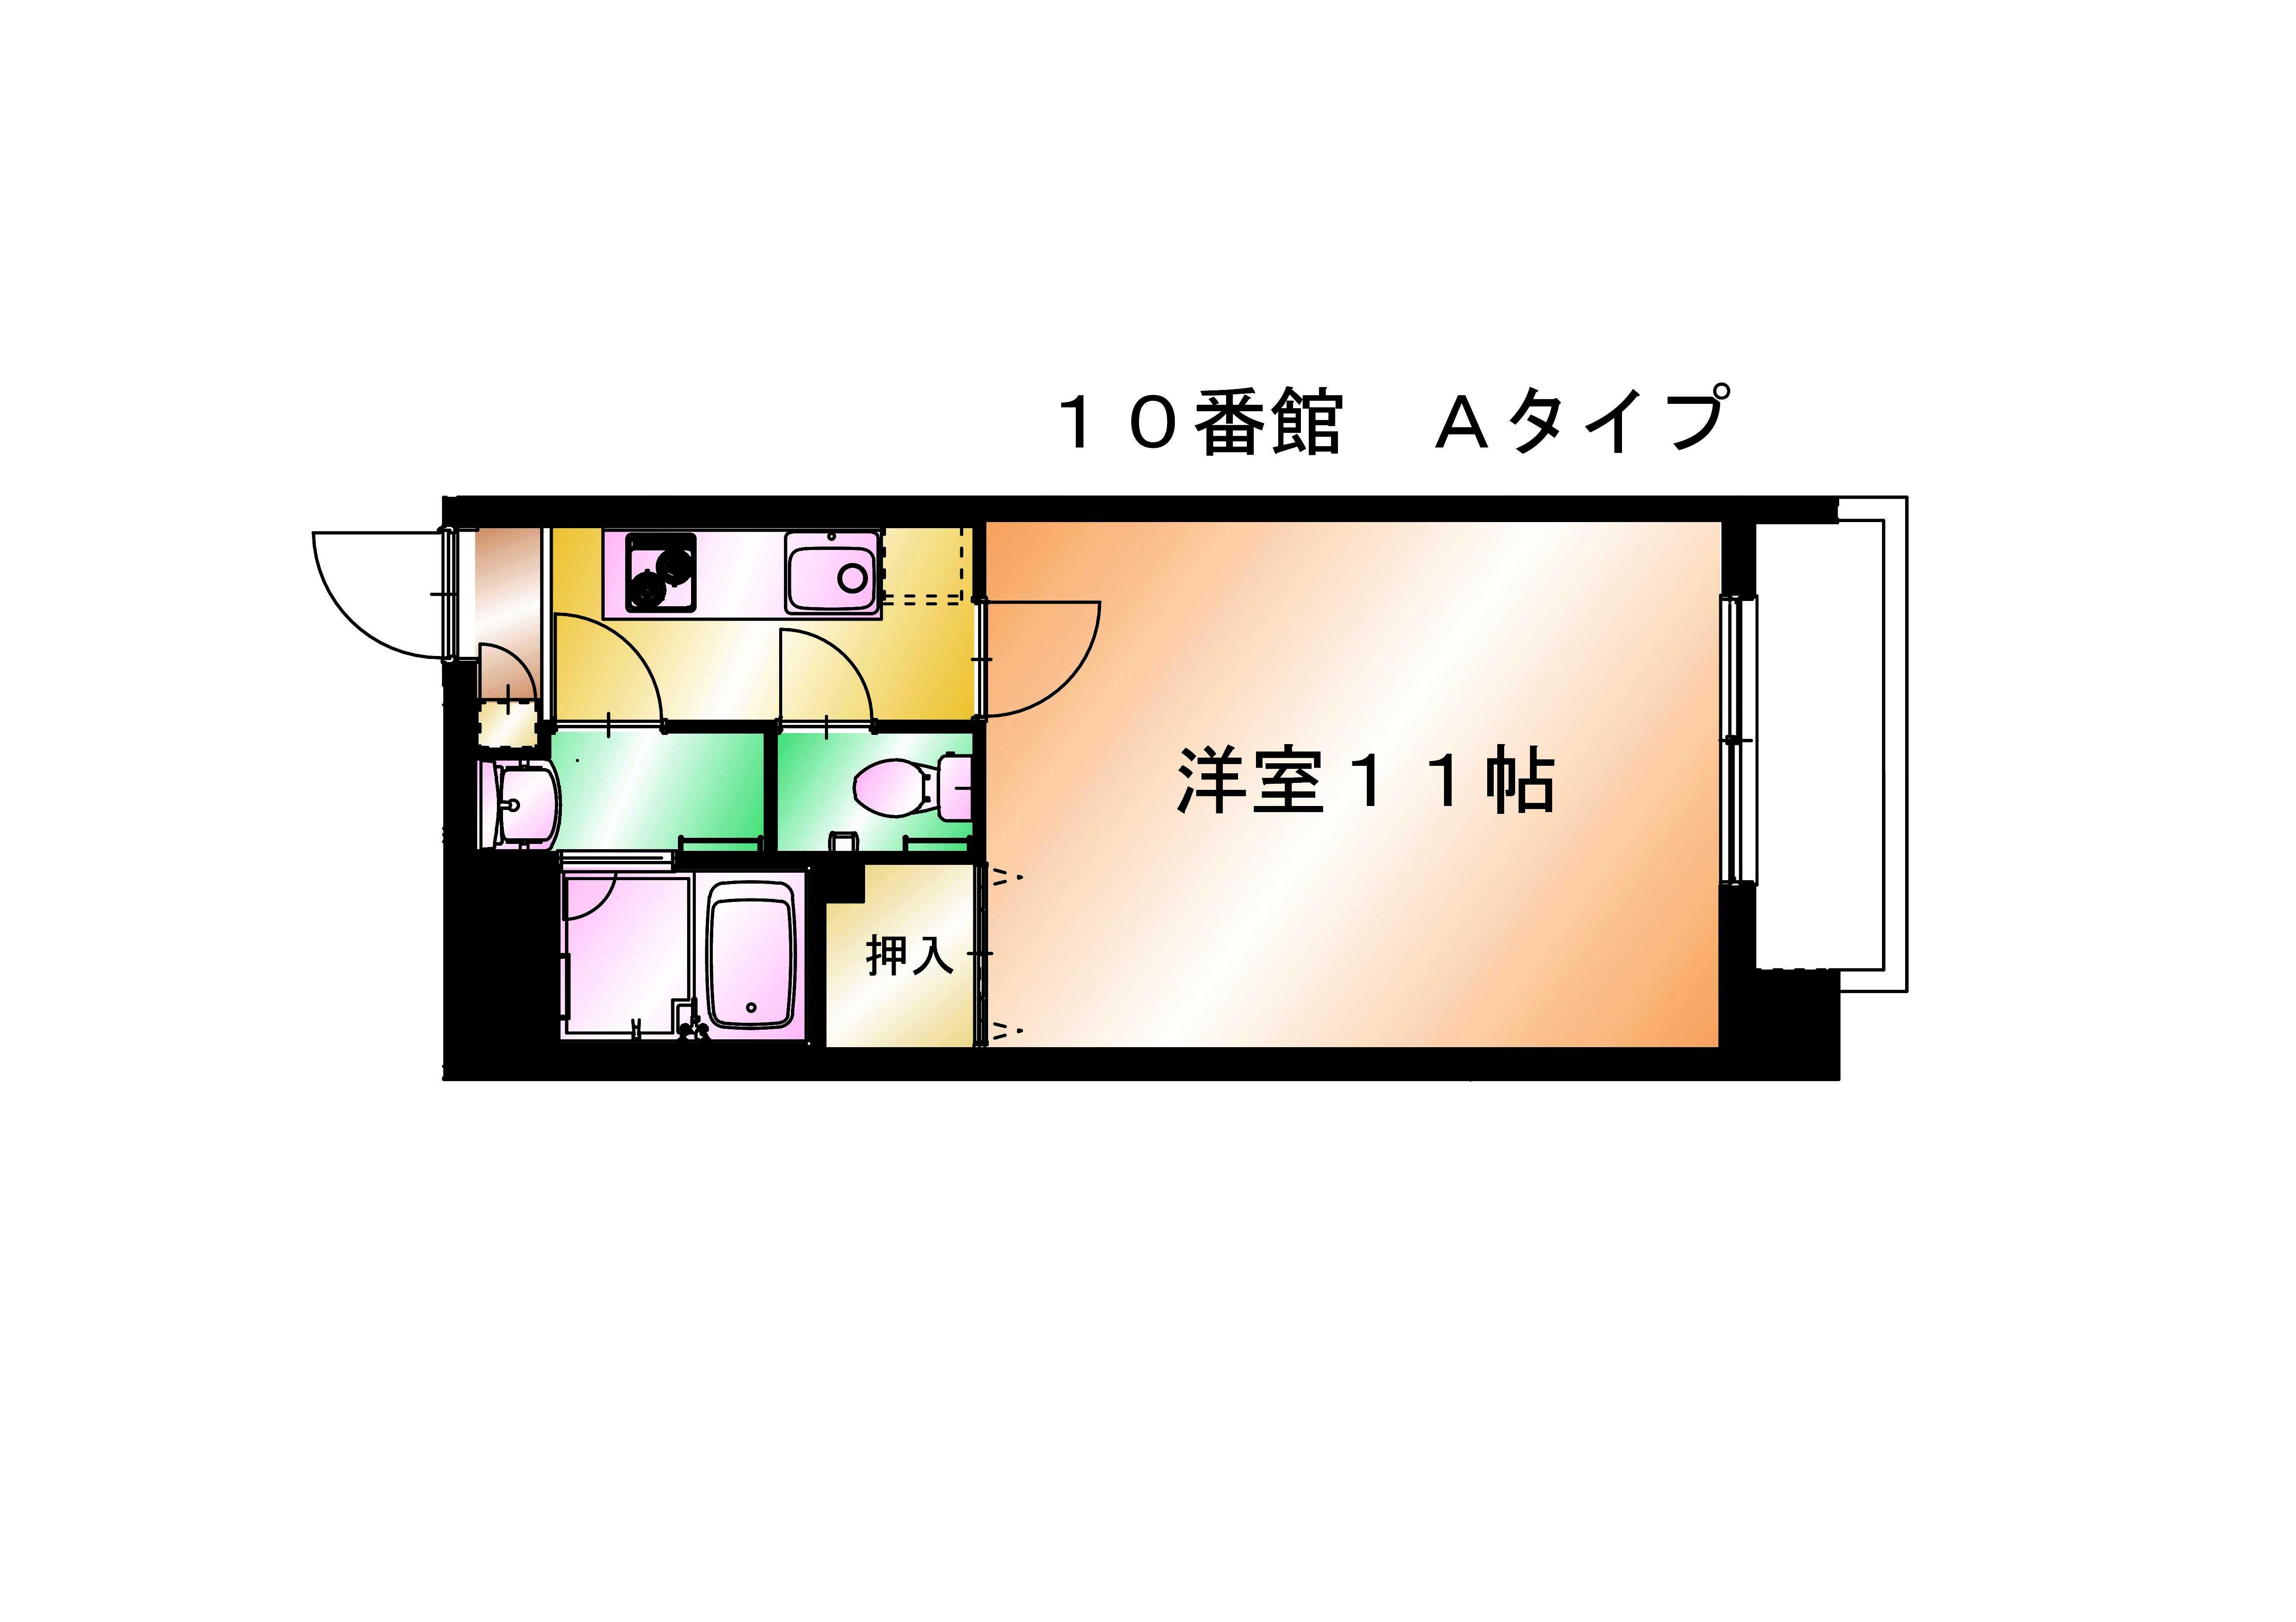 シャルレ10番館 Aタイプ